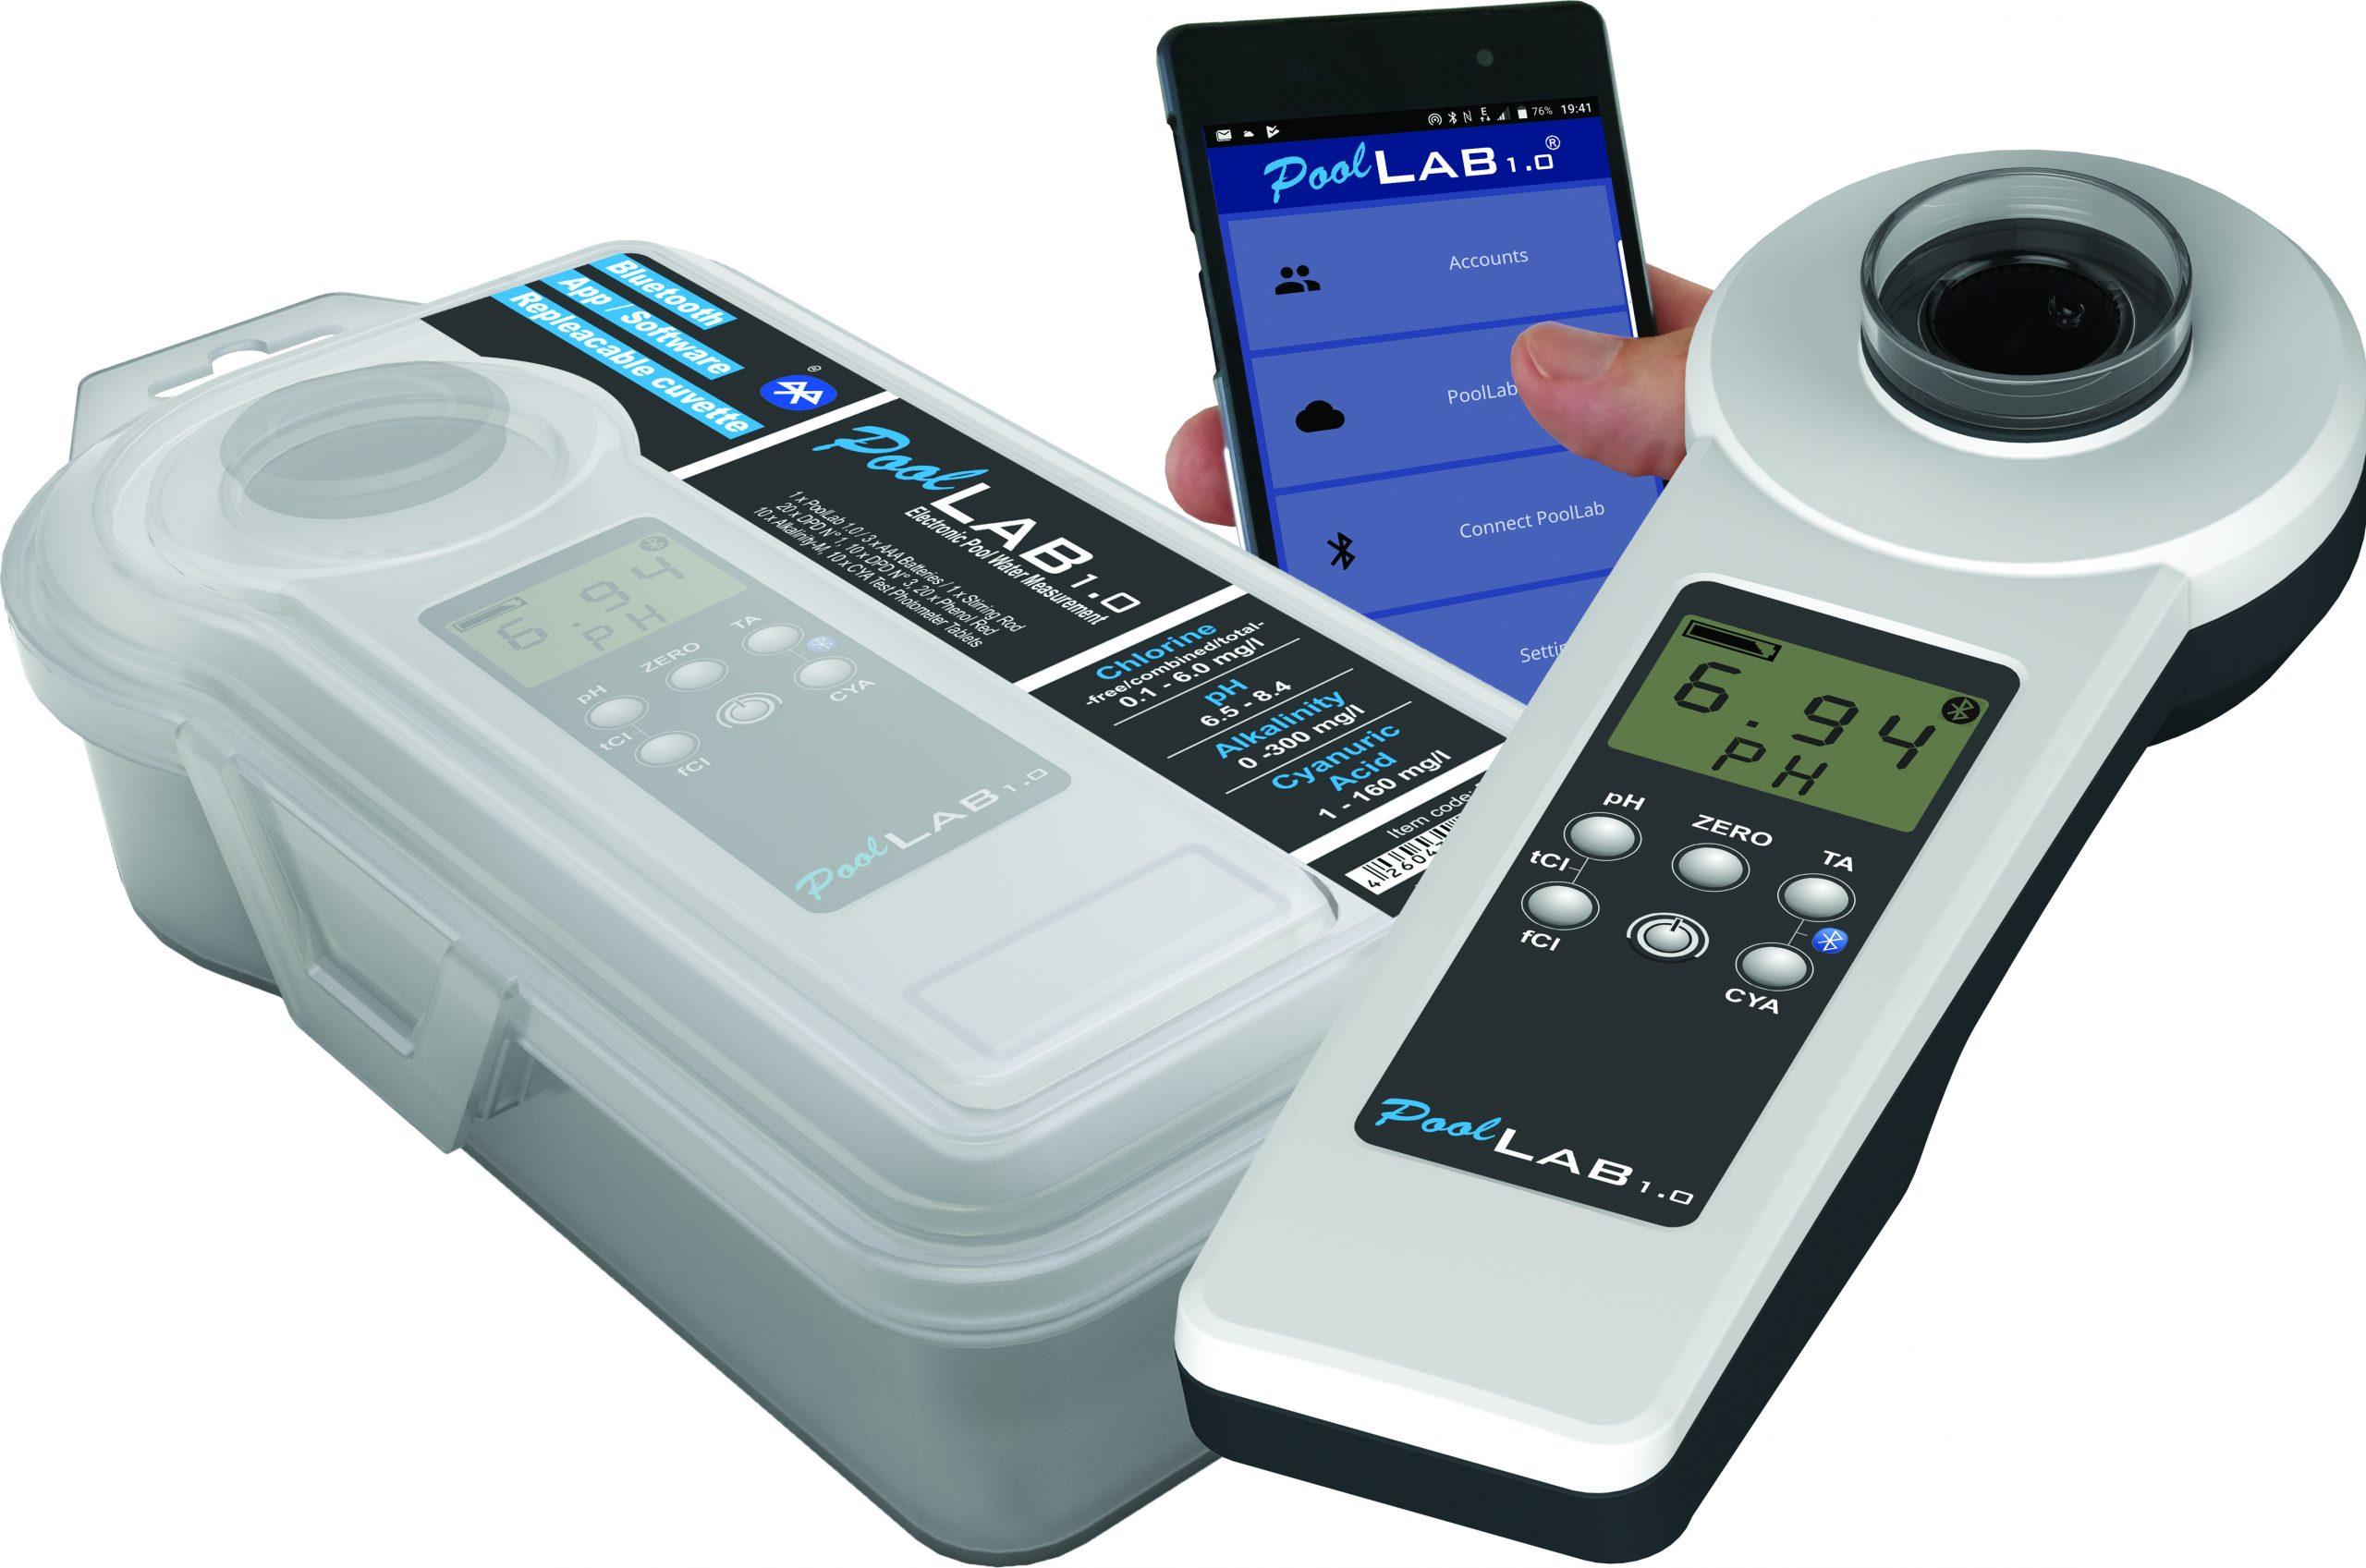 Testeur Électronique Pour Piscines - Photomètre Pool-Lab 1.0 intérieur Testeur Piscine Électronique